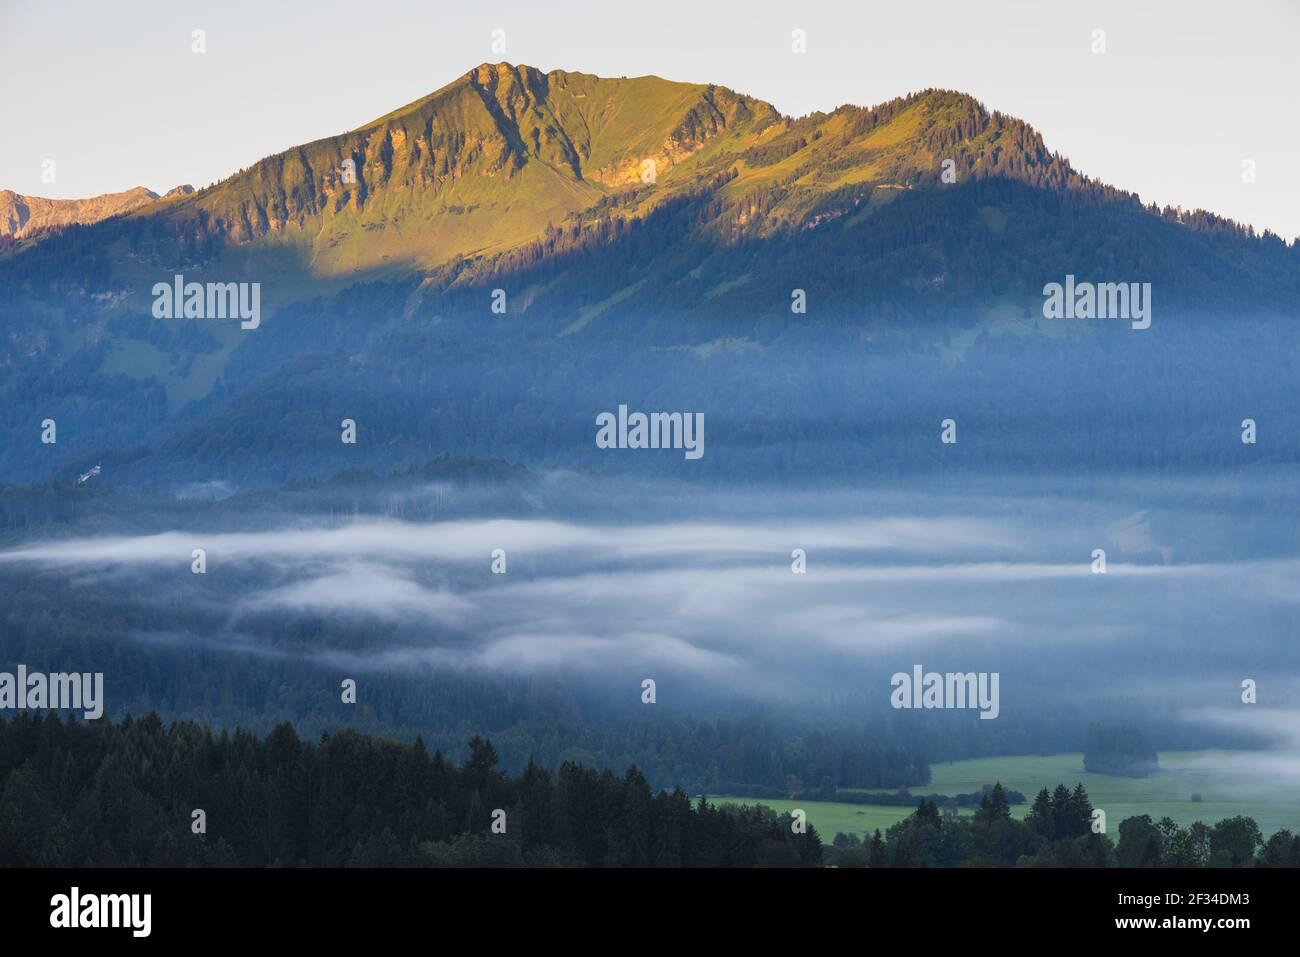 Geografia / viaggio, Germania, Baviera, Stillachtal (Valle di Stillach) con nebbia di mattina presto, a Oberstdorf, dietro di esso Soellerkopf, Freedom-of-Panorama Foto Stock